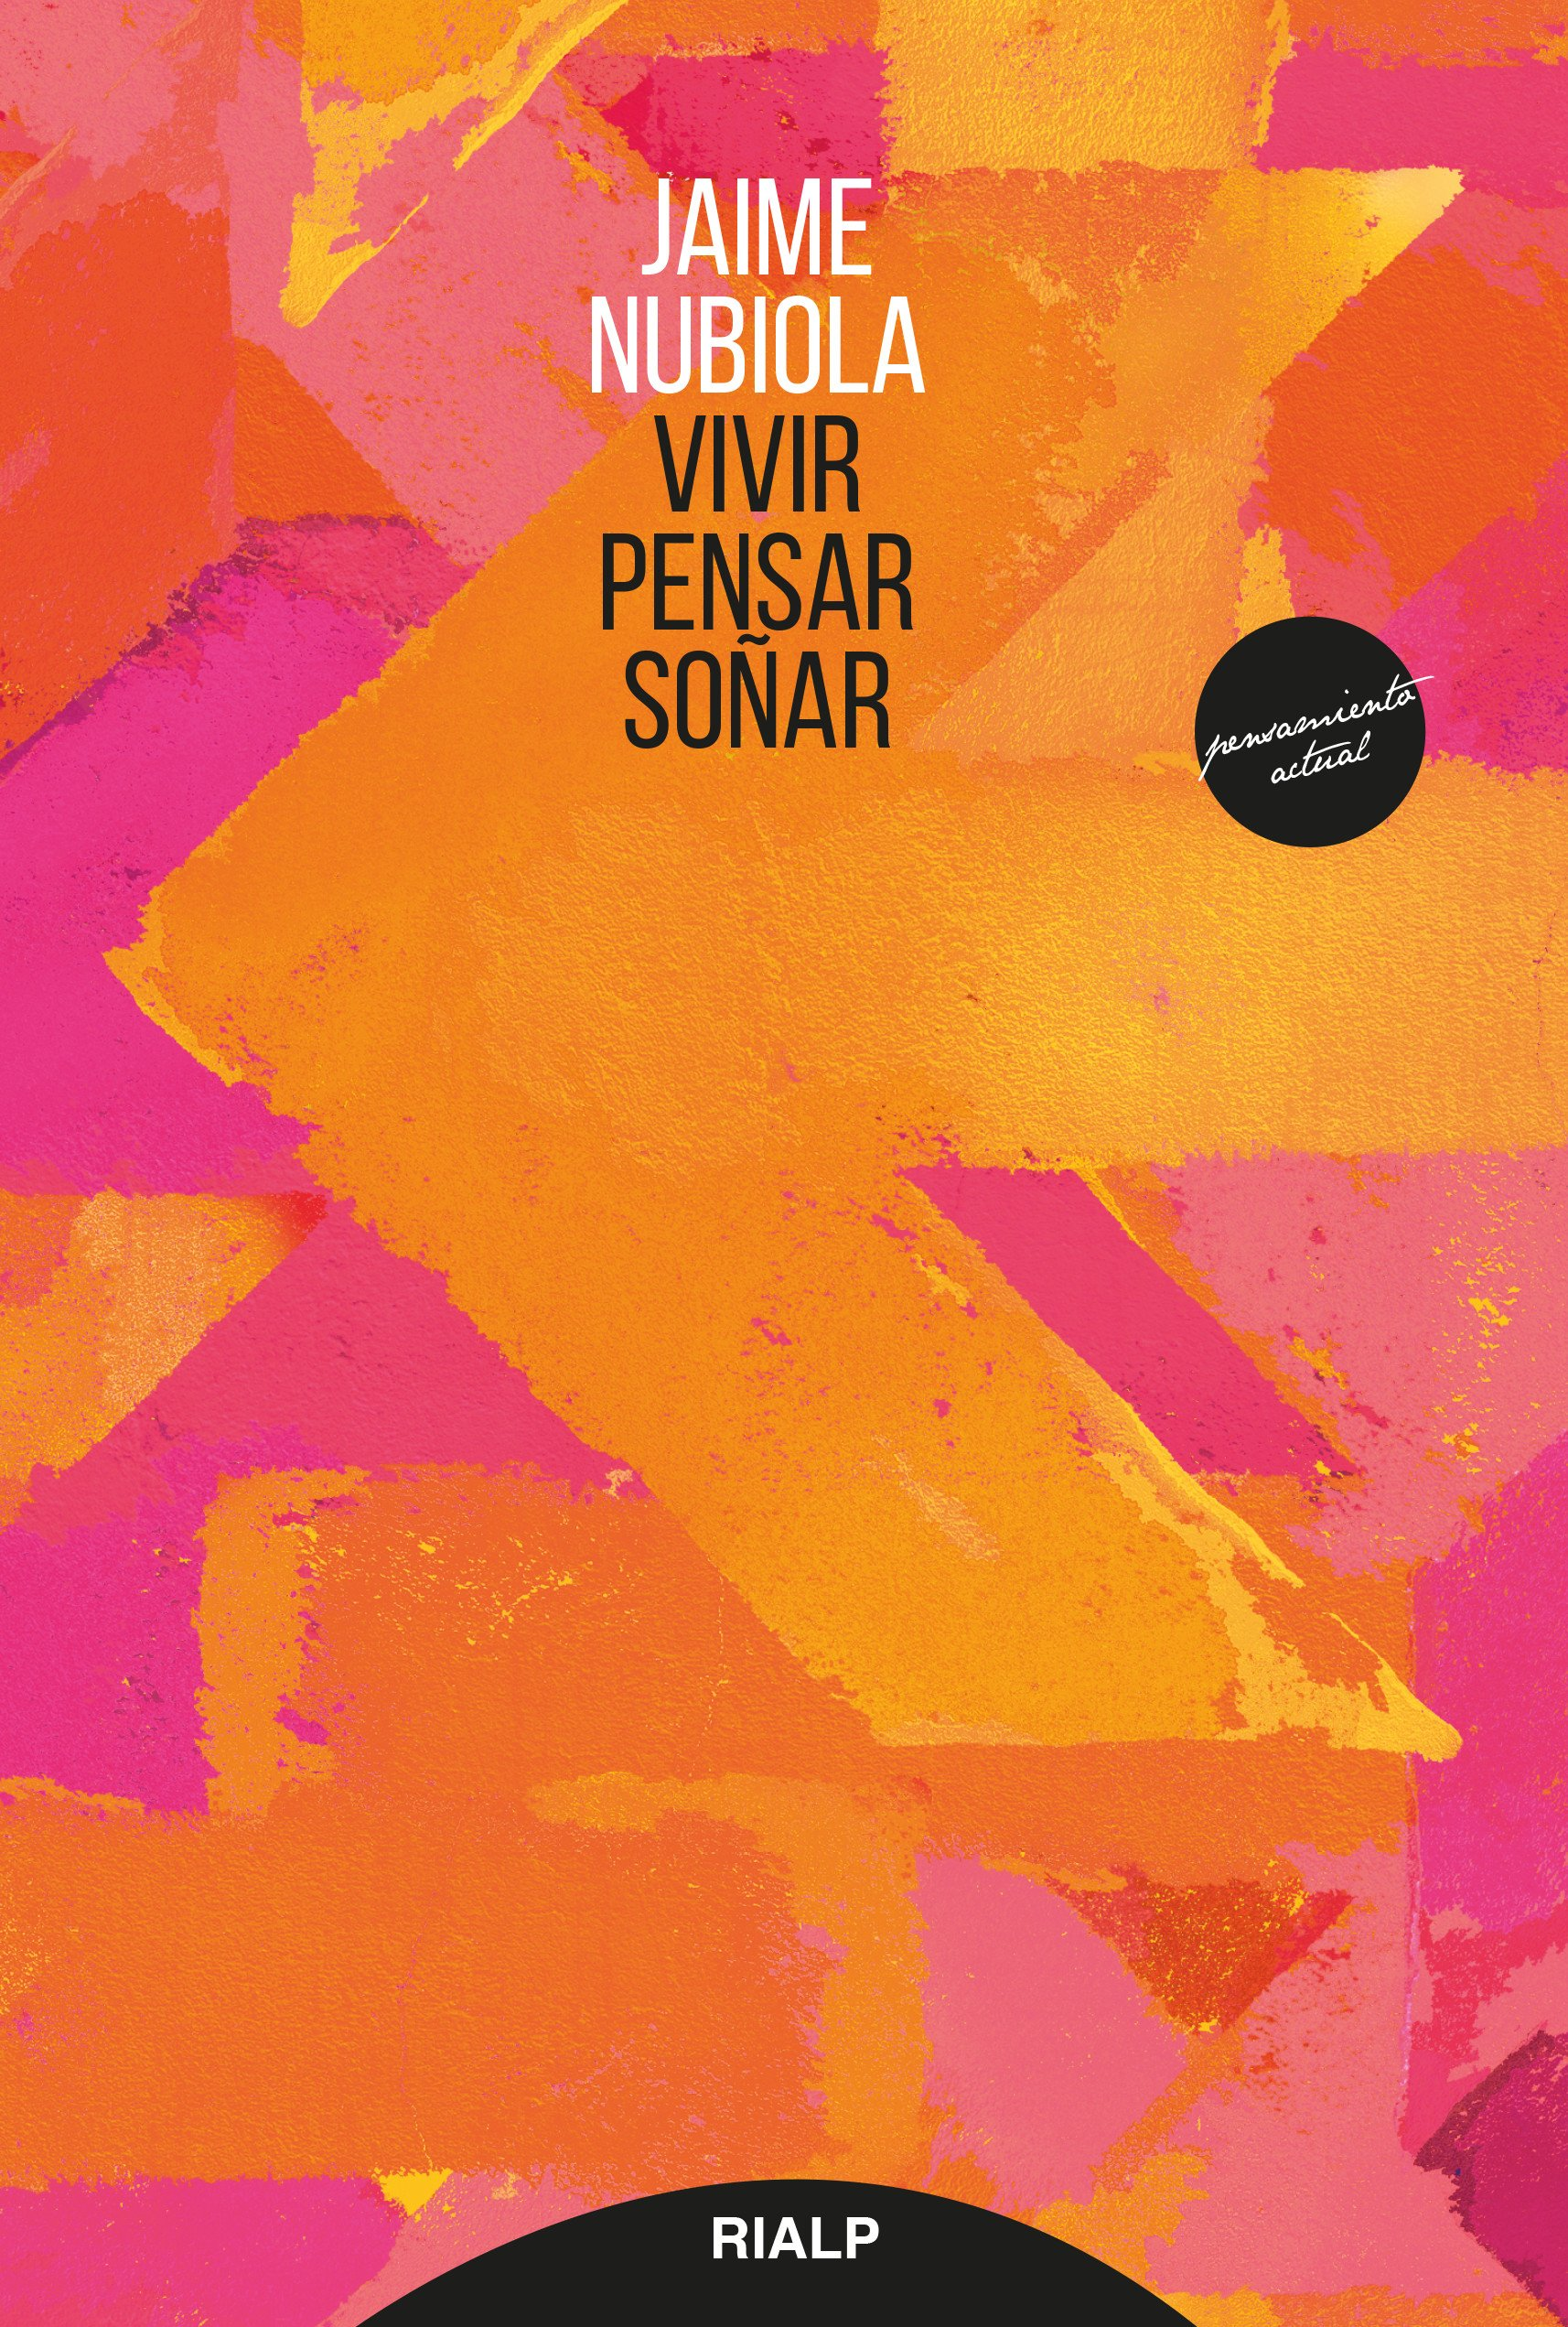 Vivir, Pensar, Soñar (Pensamiento Actual): Amazon.es: JAIME NUBIOLA: Libros